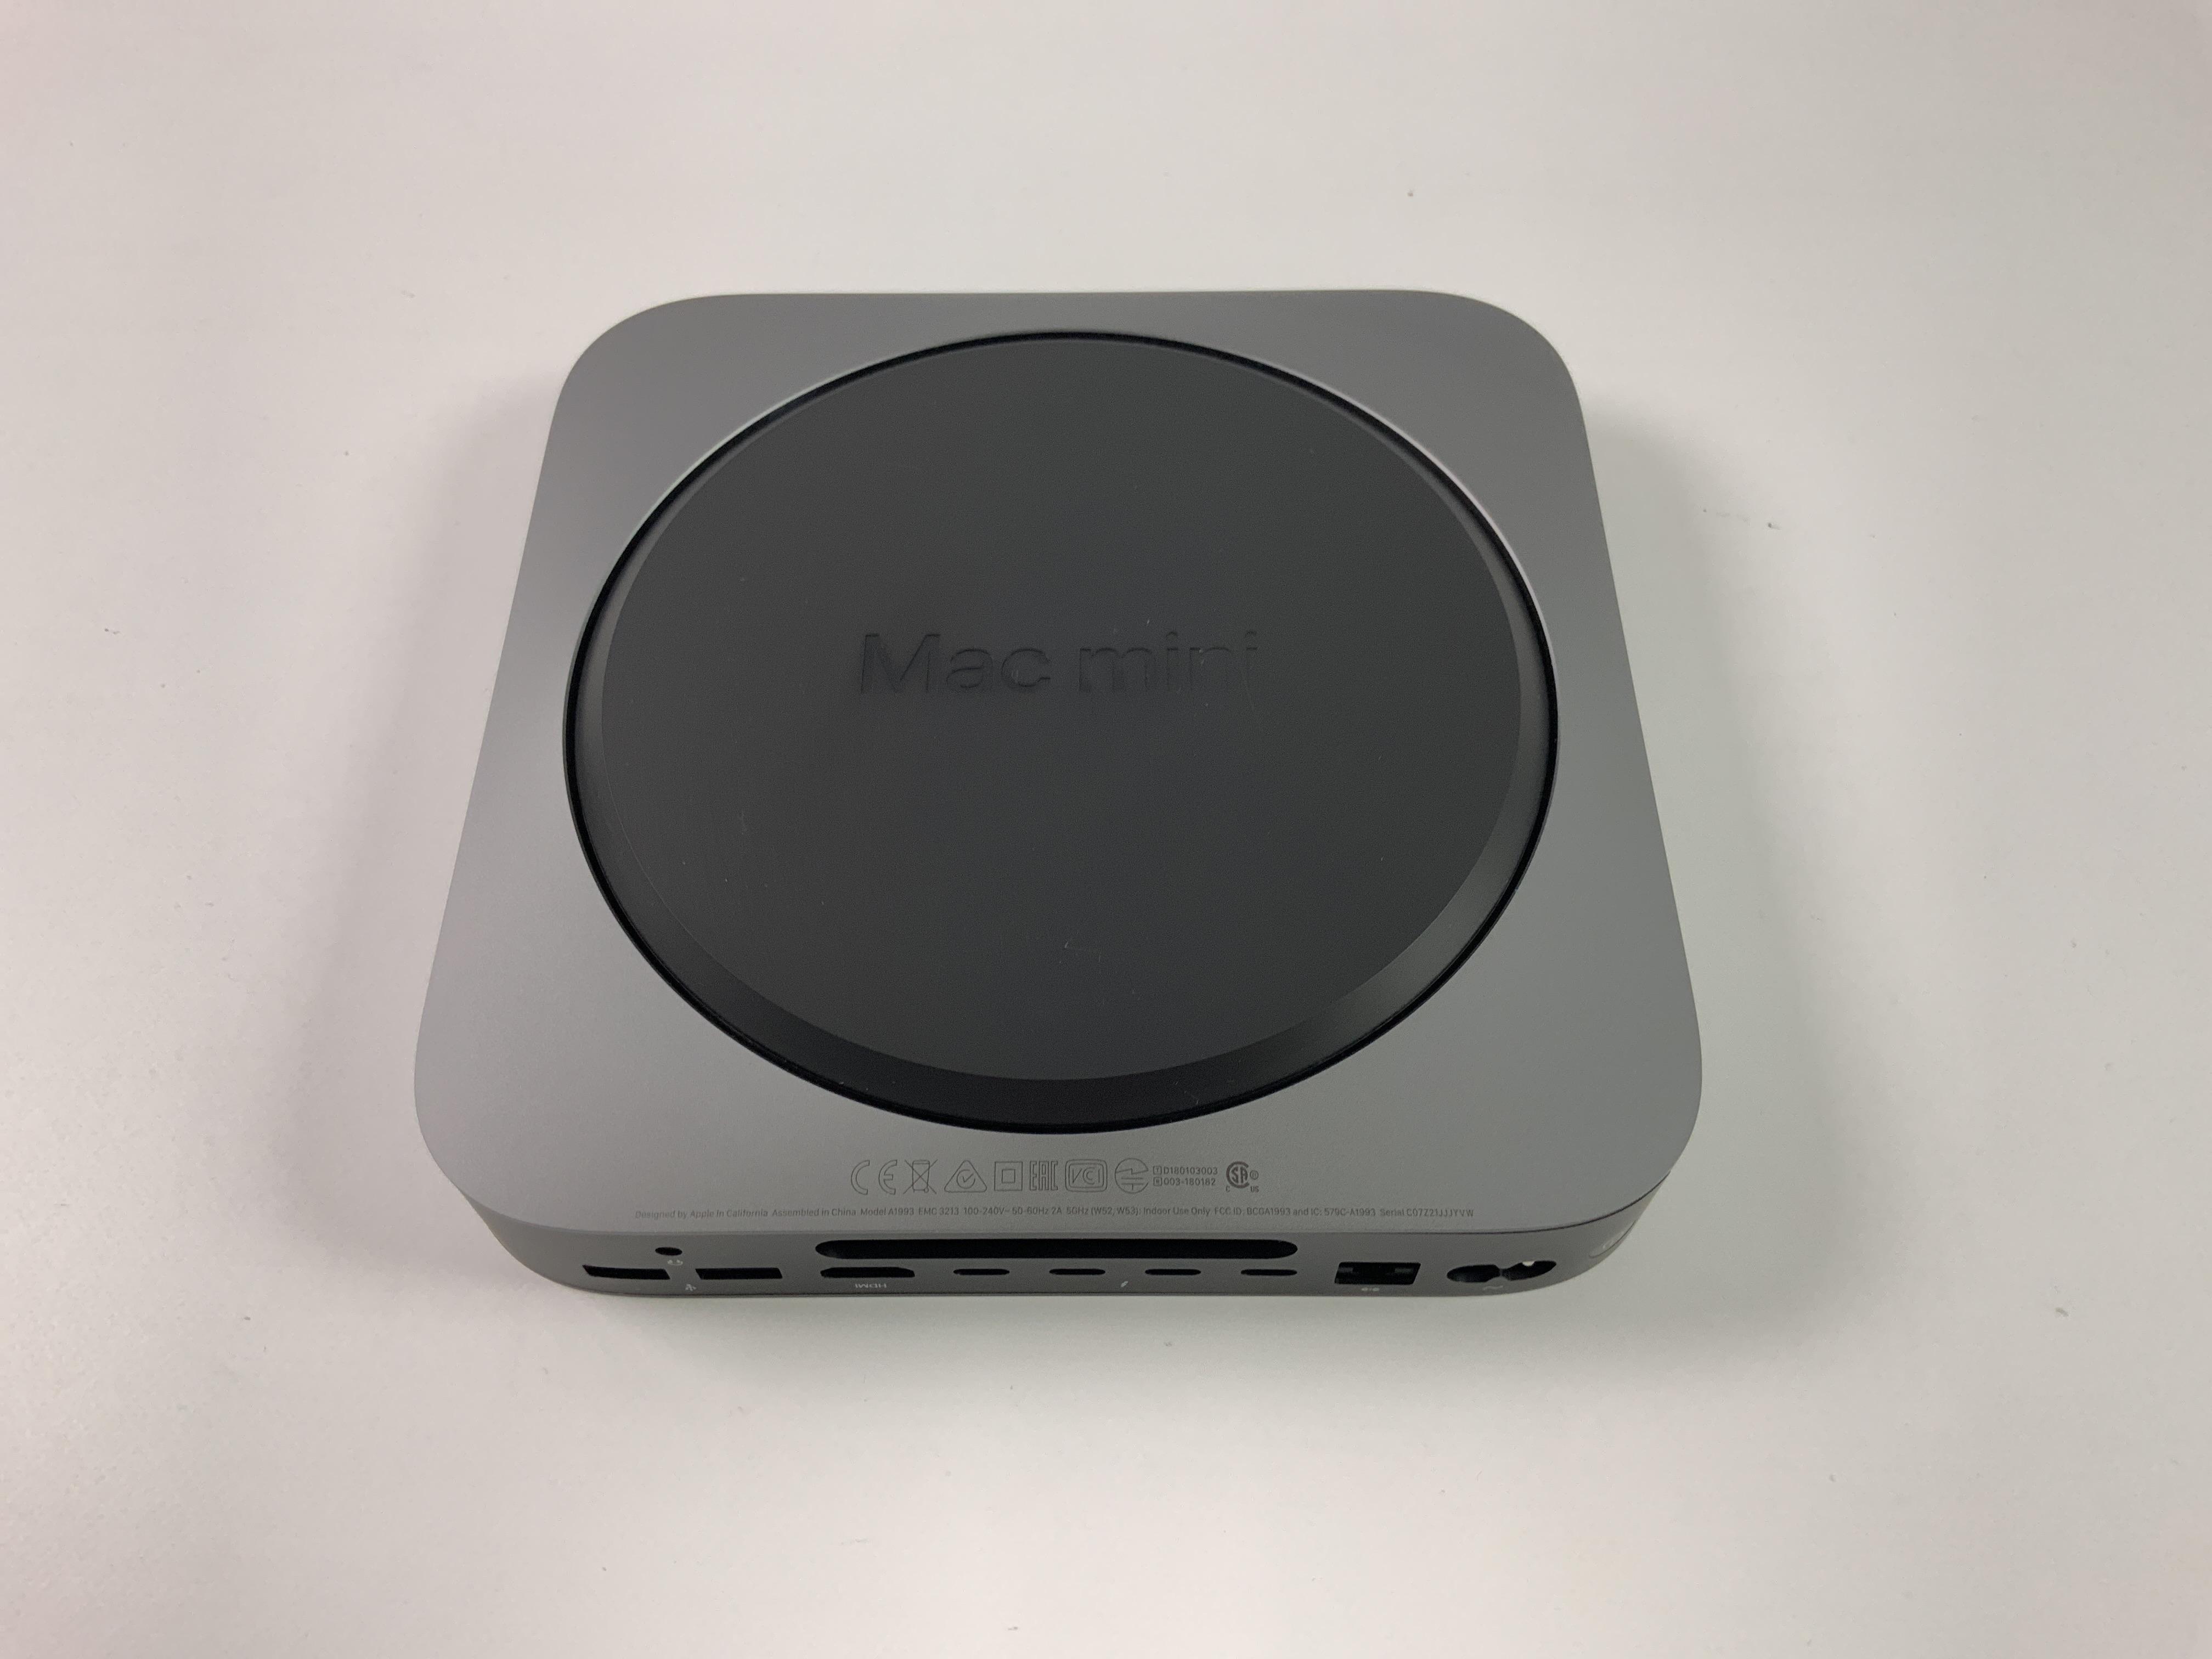 Mac Mini Late 2018 (Intel Quad-Core i3 3.6 GHz 64 GB RAM 128 GB SSD), Intel Quad-Core i3 3.6 GHz, 64 GB RAM, 128 GB SSD, Kuva 2